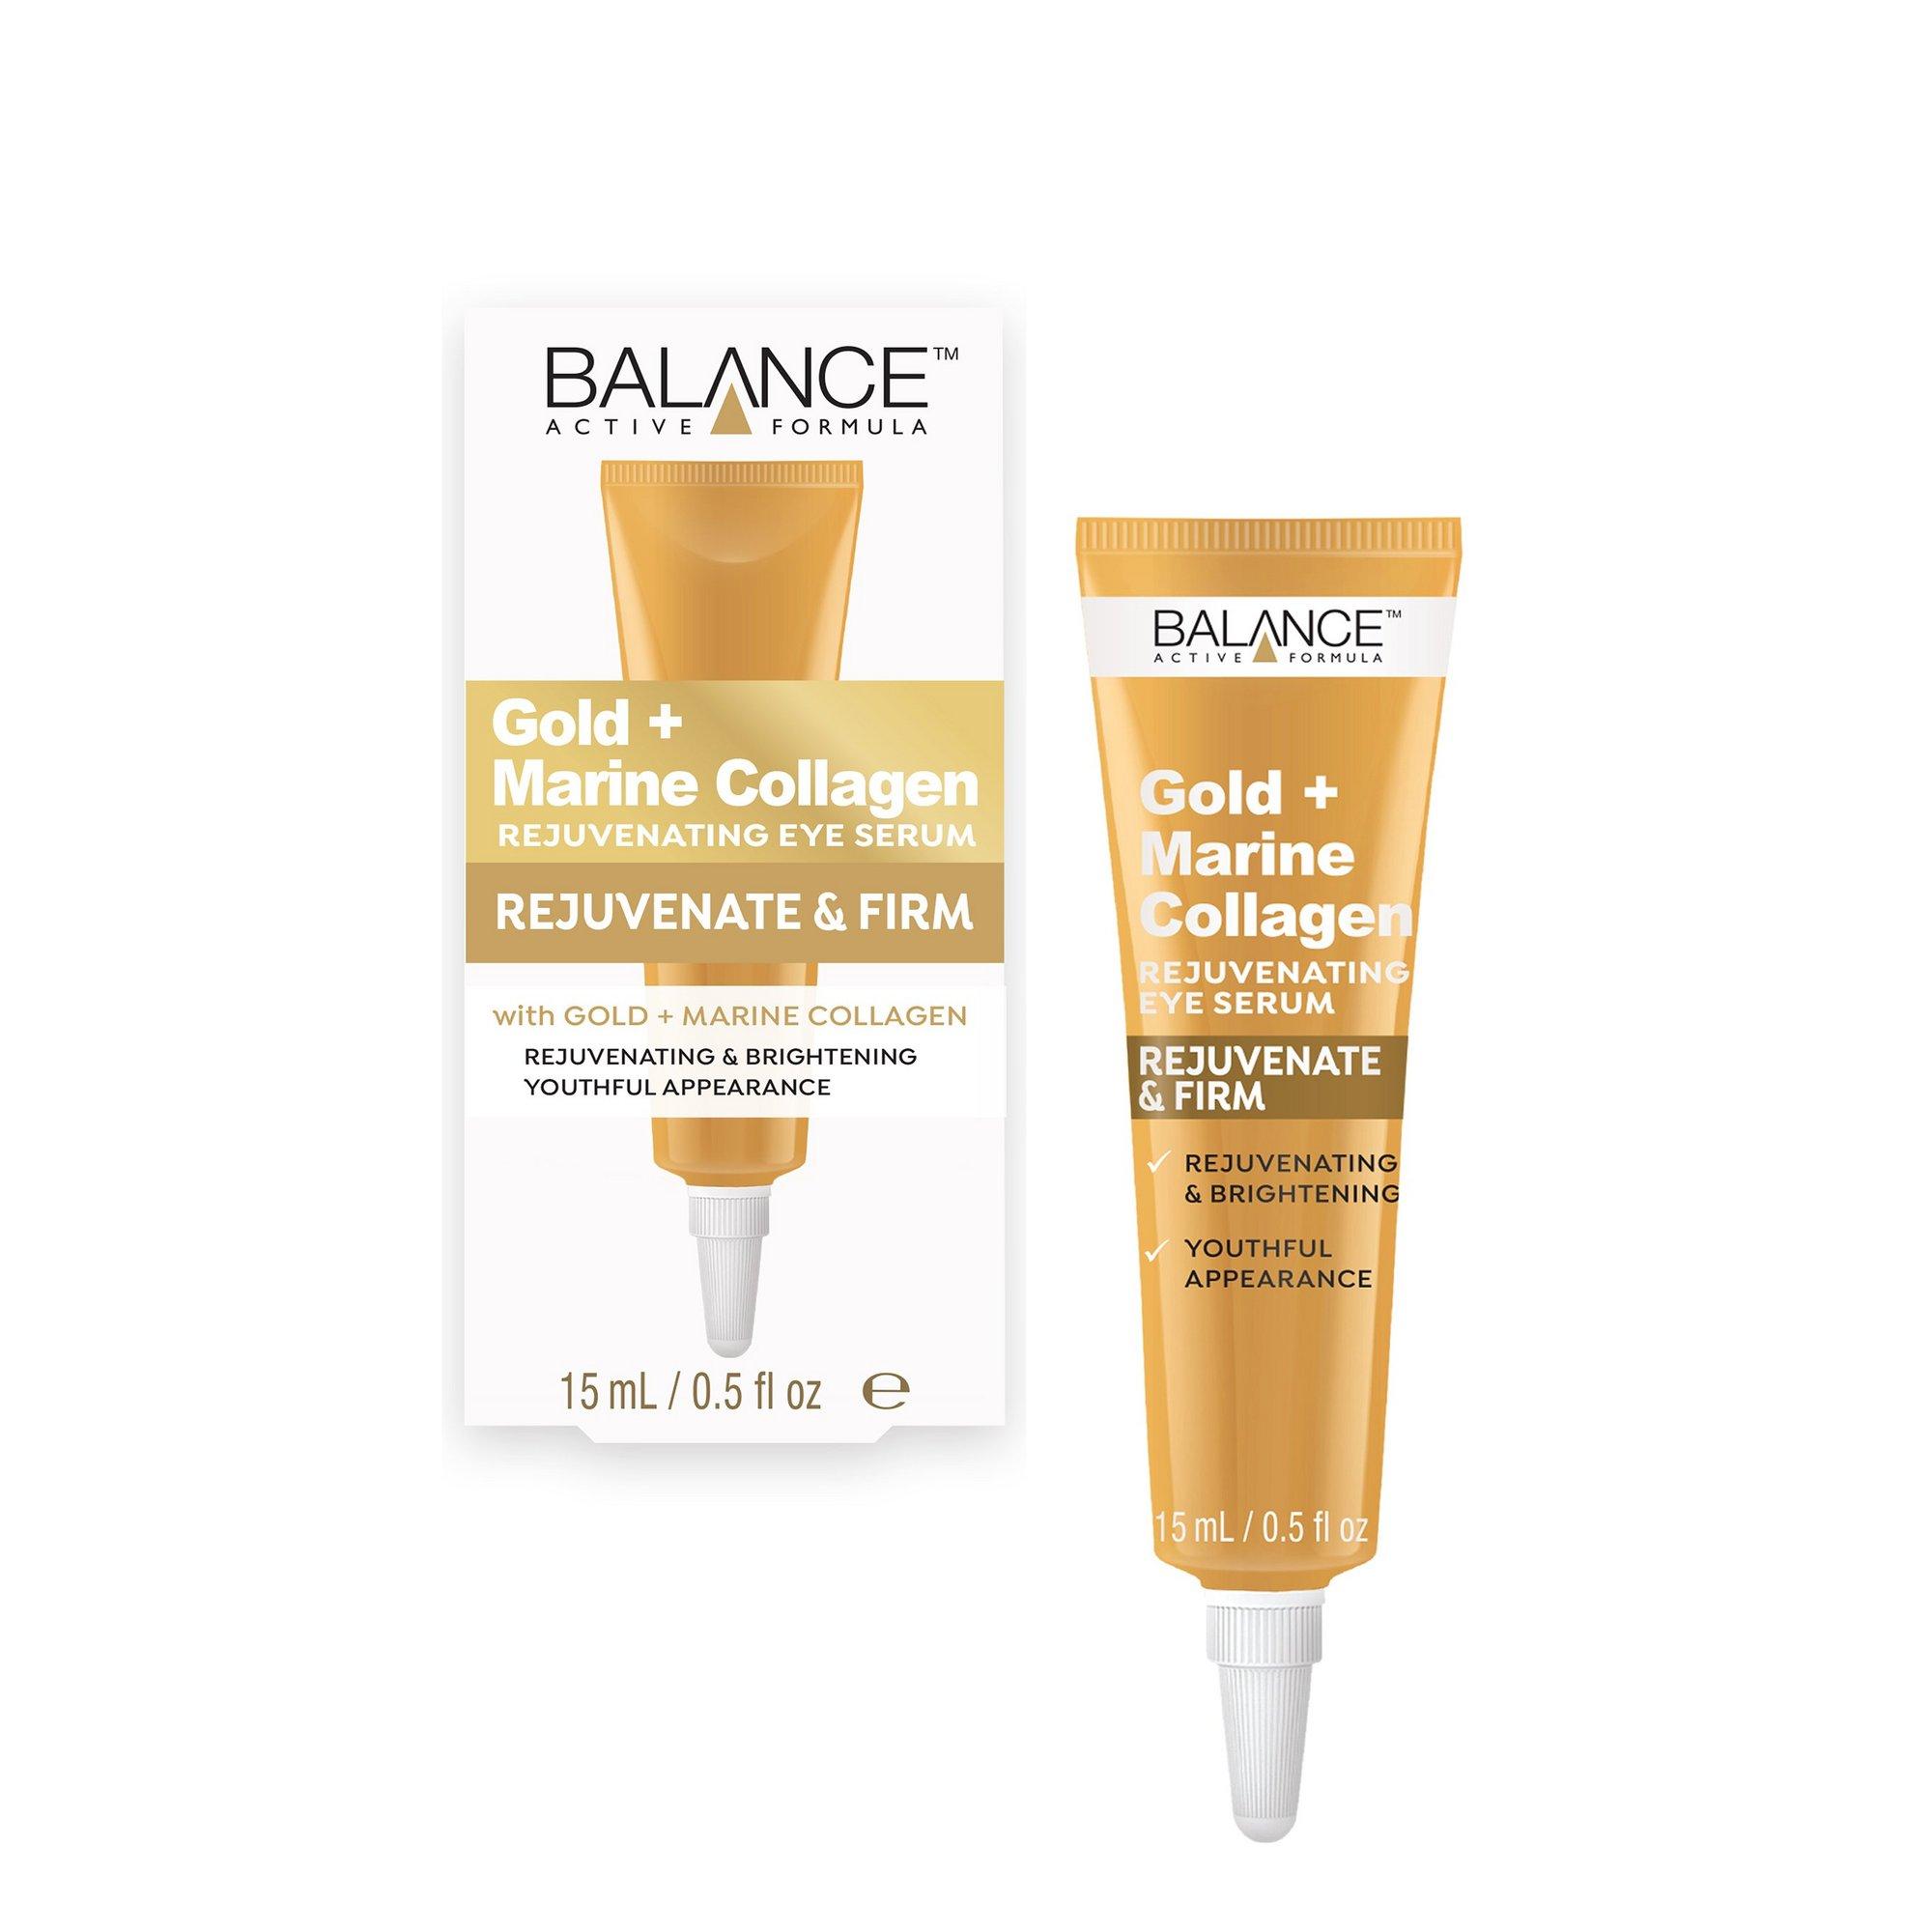 Image of Balance Gold Collagen Rejuvenating Eye Serum